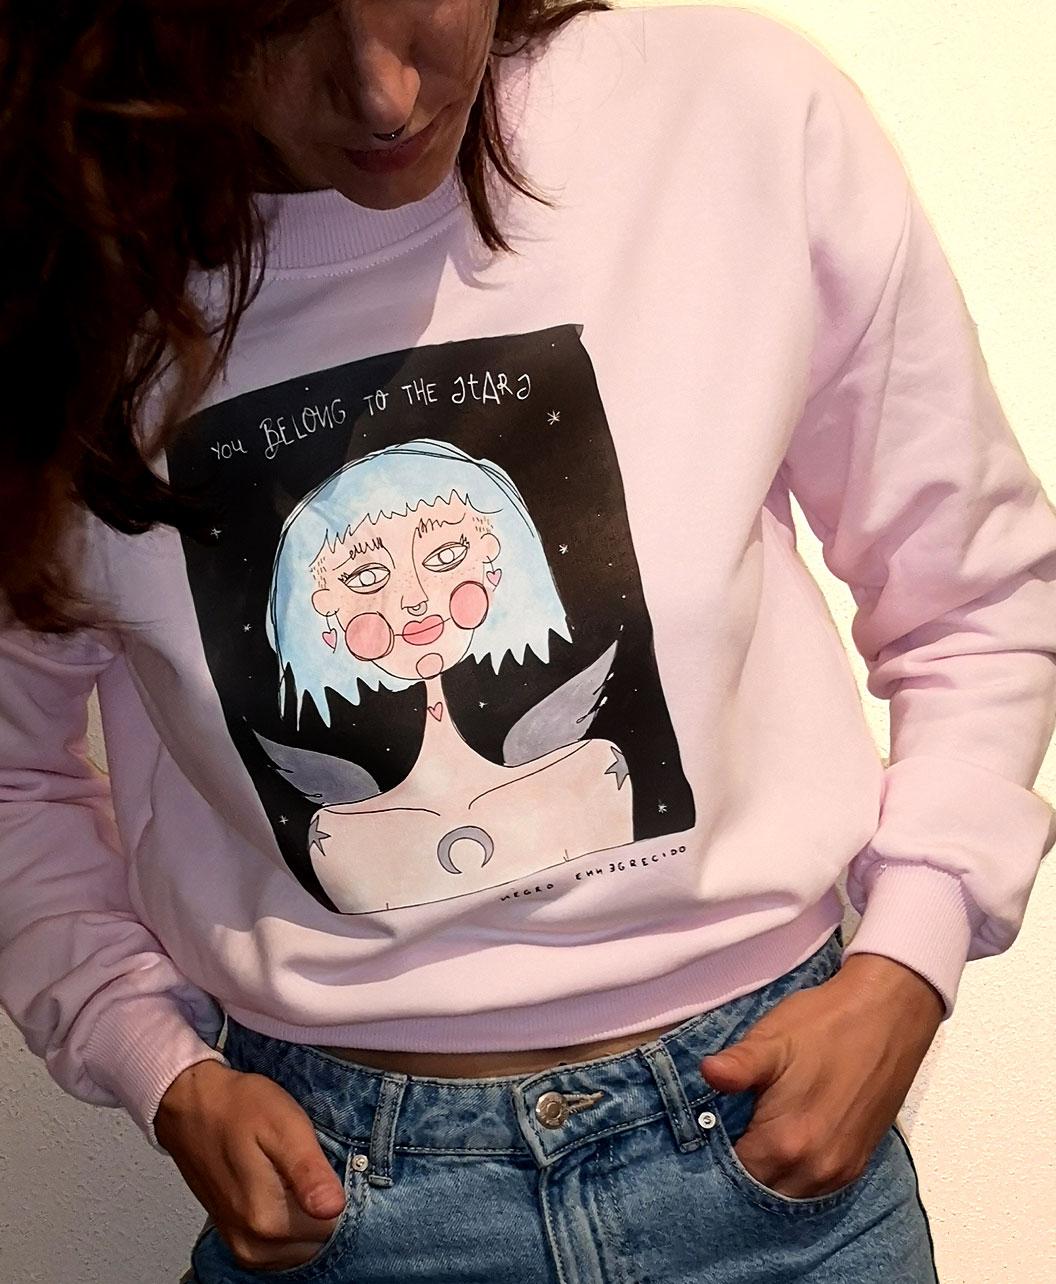 sudadera corta rosa mujer estilo alternativo ilustracion chica estrellas frase perteneces a las estrellas